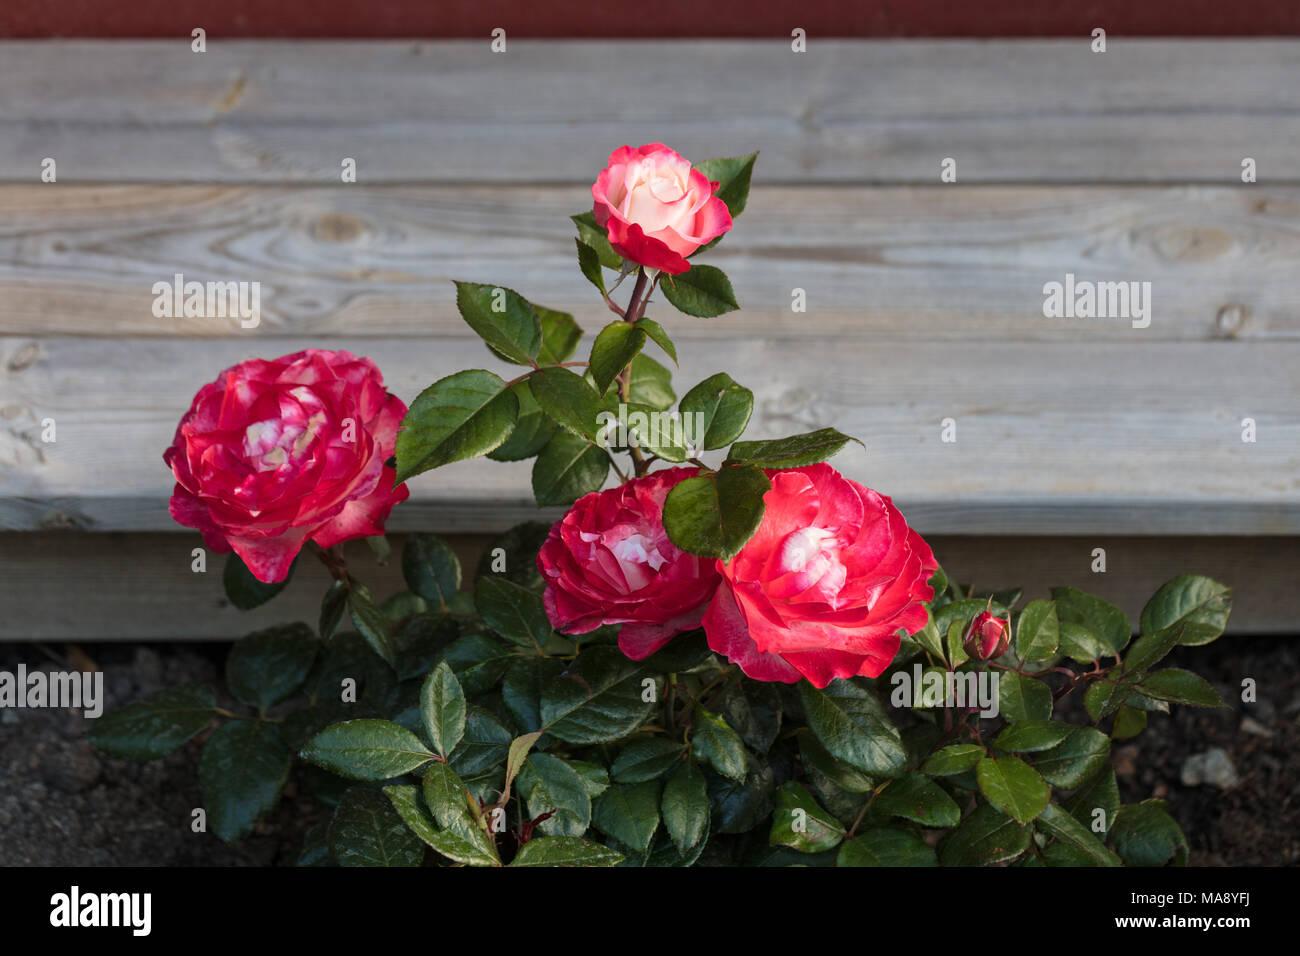 'Nostalgie' Hybrid Tea Rose, Tehybridros (Rosa) Stockbild